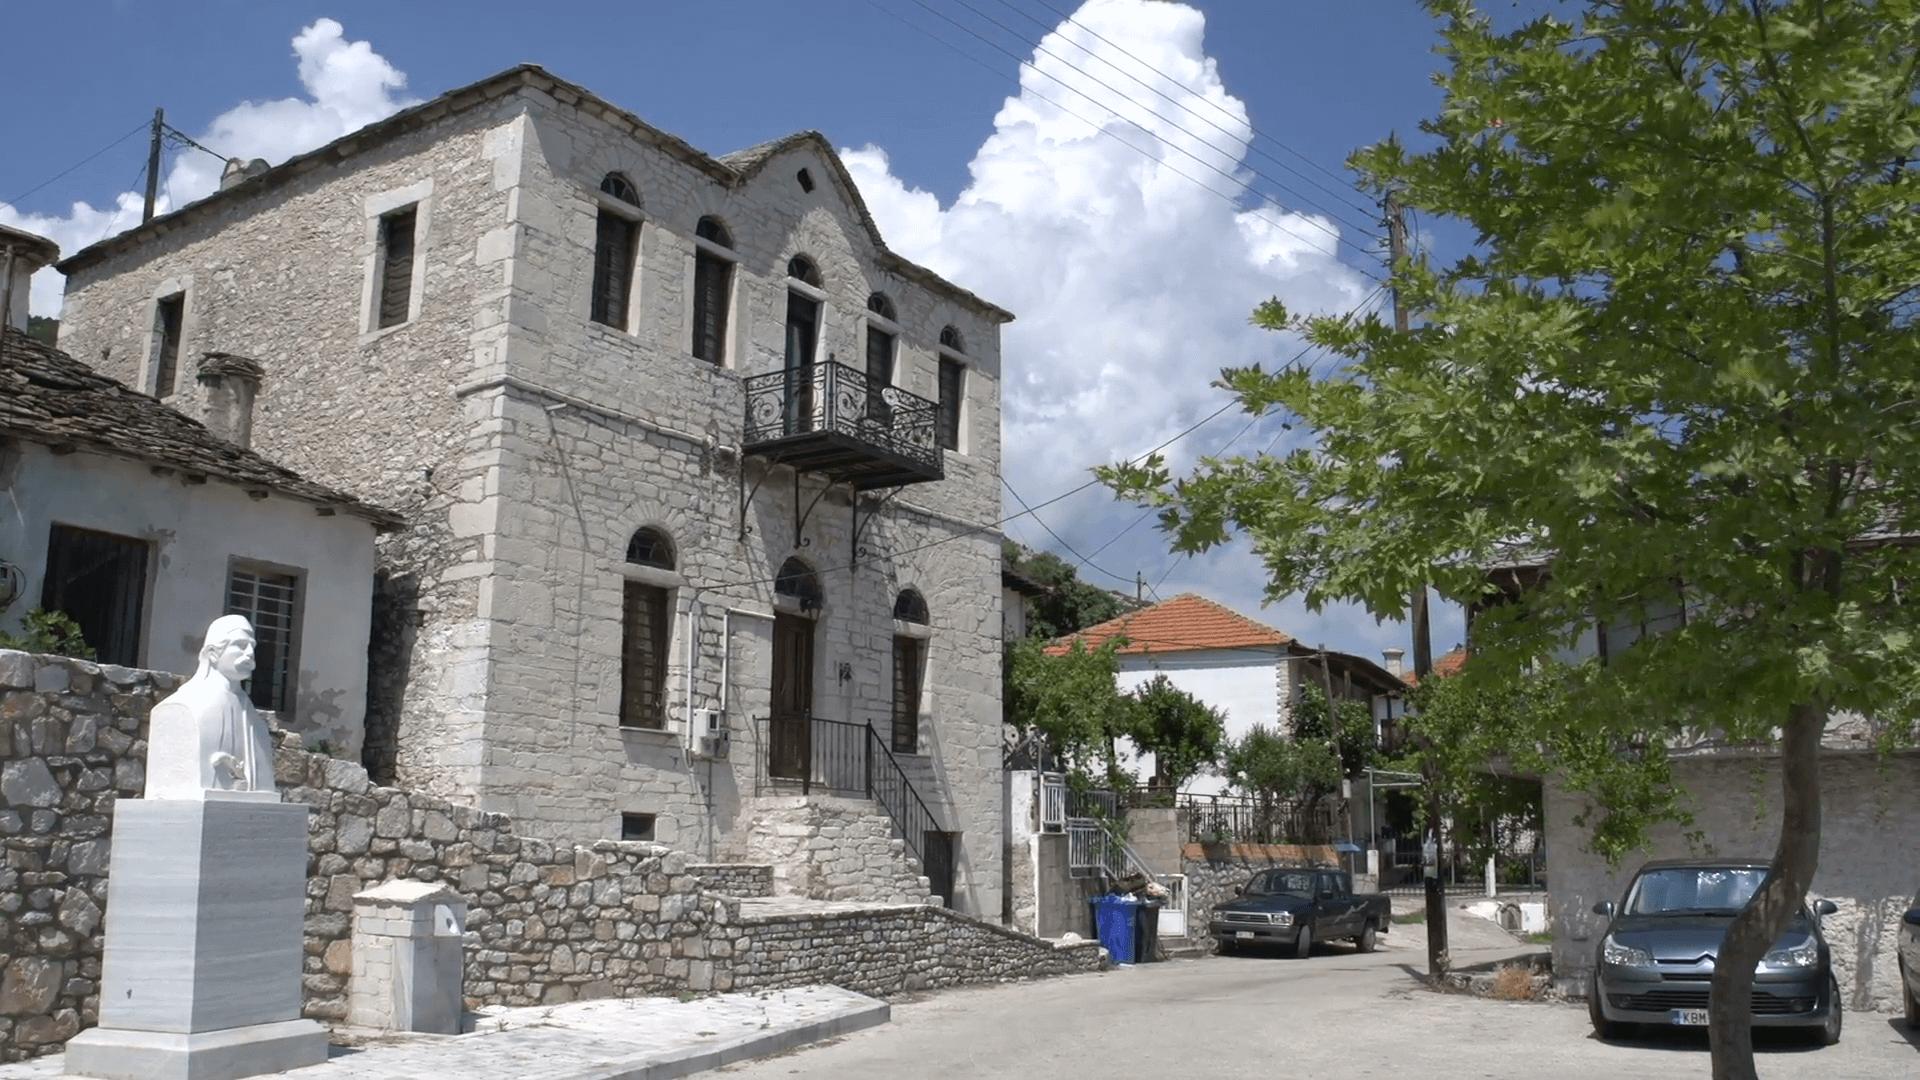 Theologos - insula Thassos, Grecia